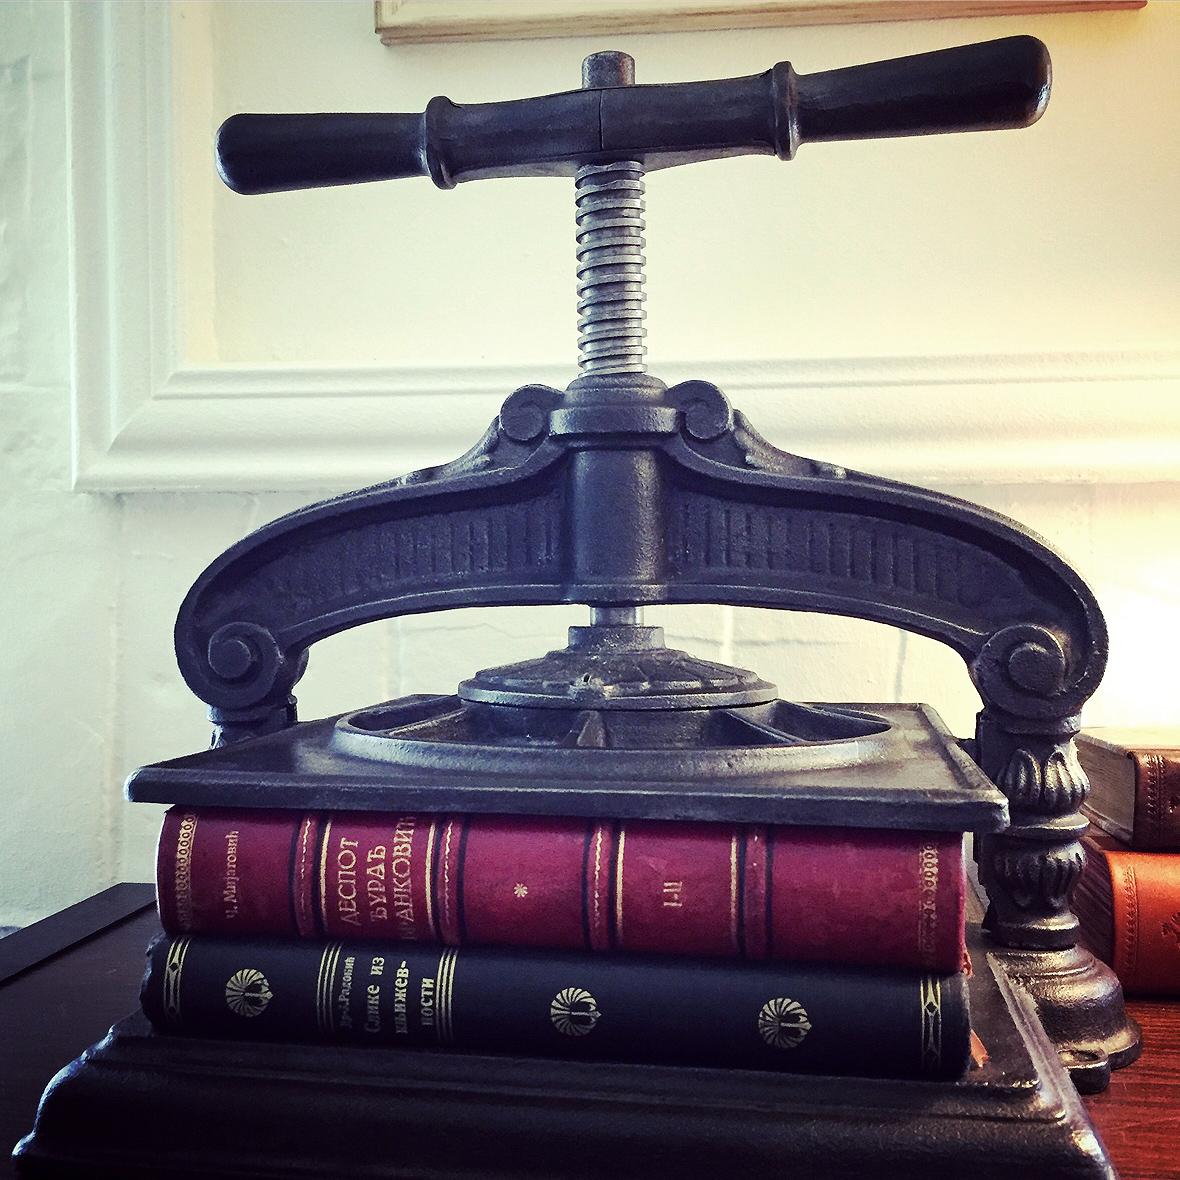 Stega za knjige. Knjigovezacki alat (1)